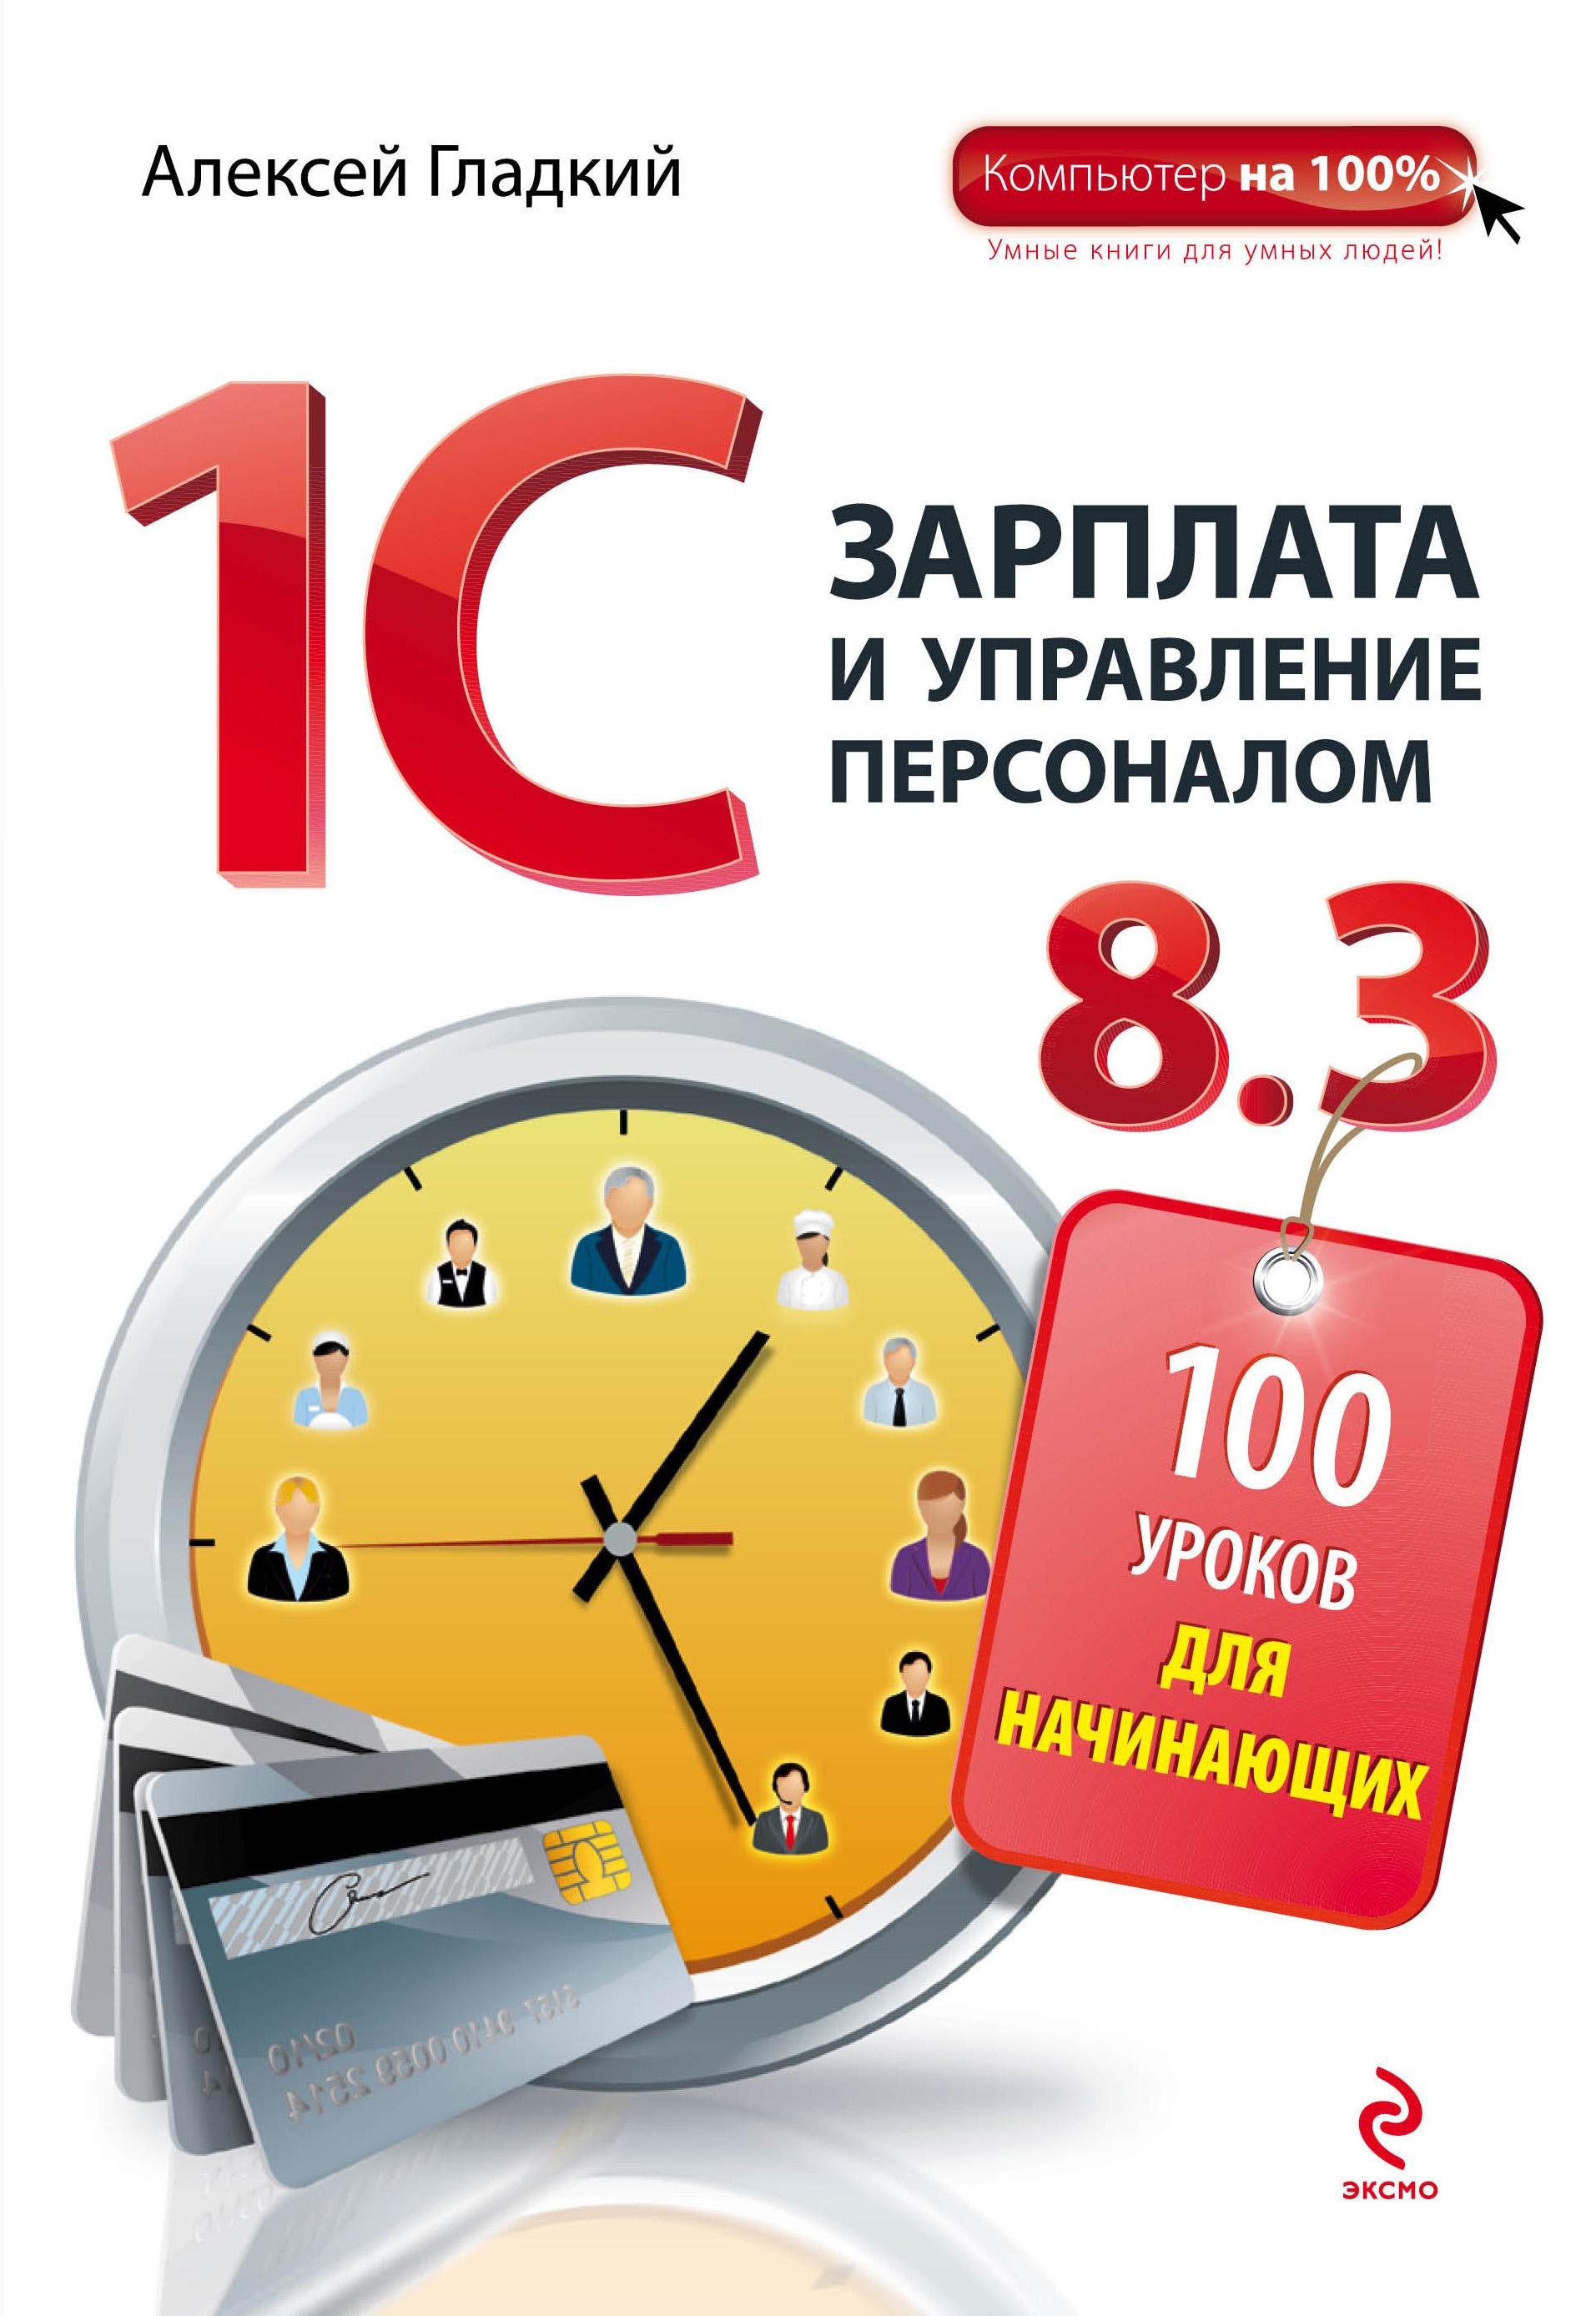 1С Зарплата и управление персоналом 8.3. 100 уроков для начинающих от book24.ru